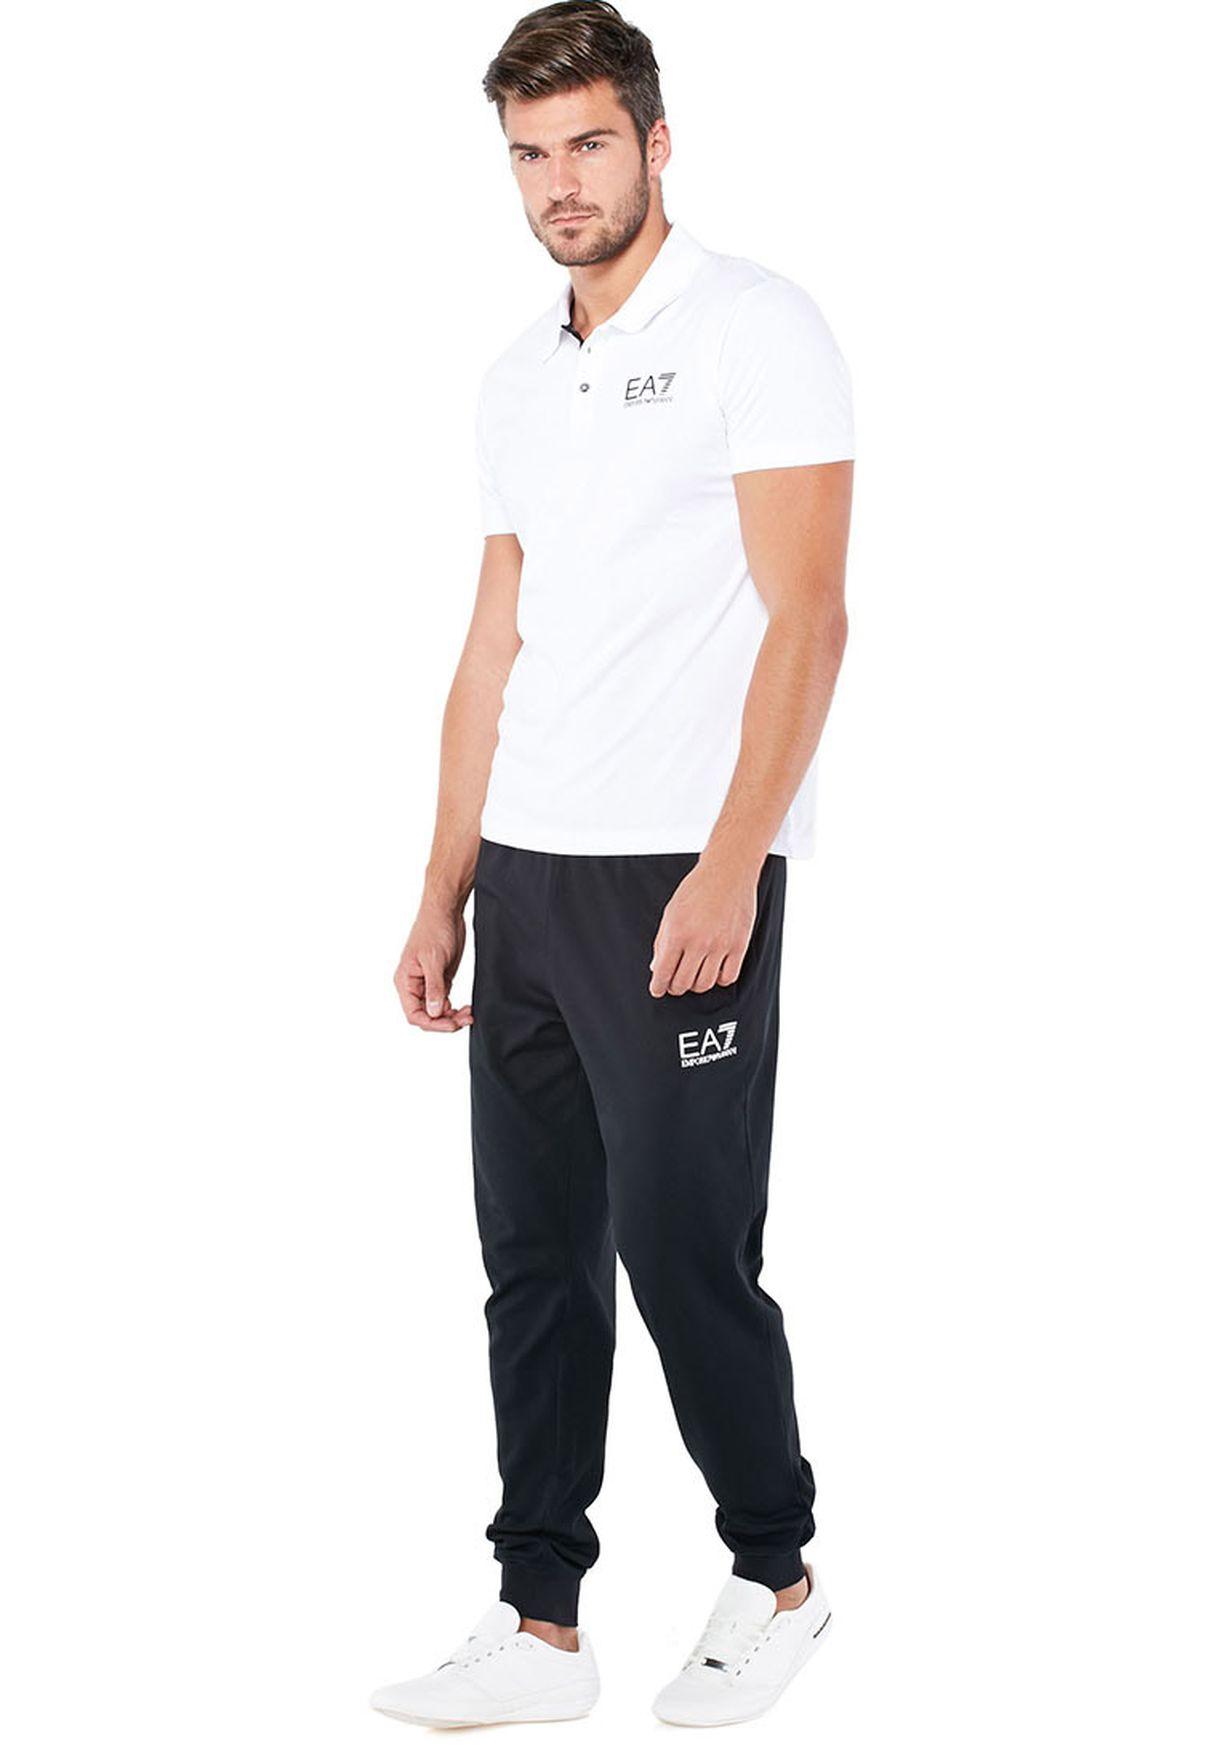 af49f9ead96 Logo Cuffed Sweatpants